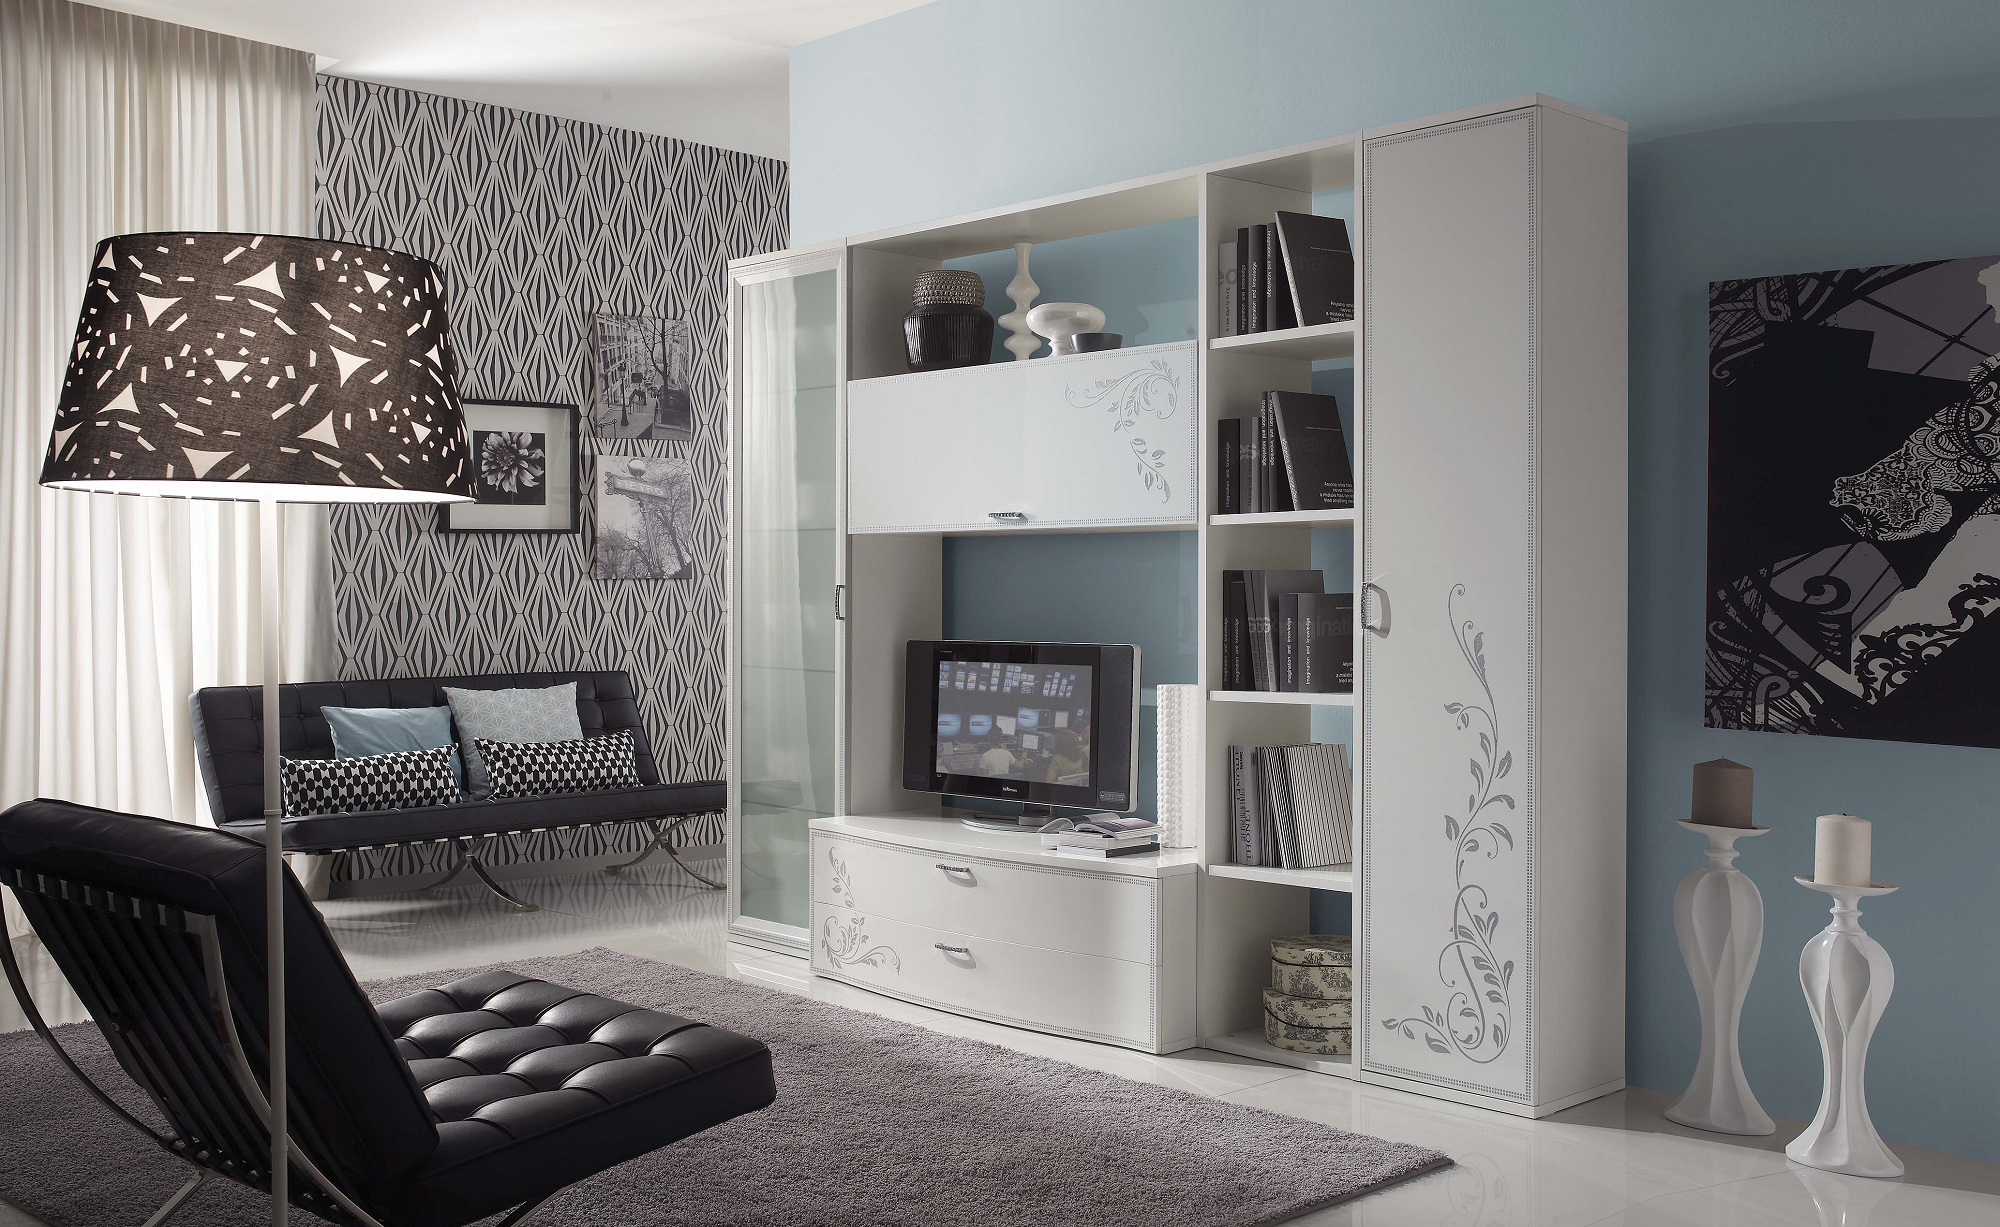 schlafzimmer harmony hira modern weiss creme mit polster gl nzen xp hil har 160c. Black Bedroom Furniture Sets. Home Design Ideas